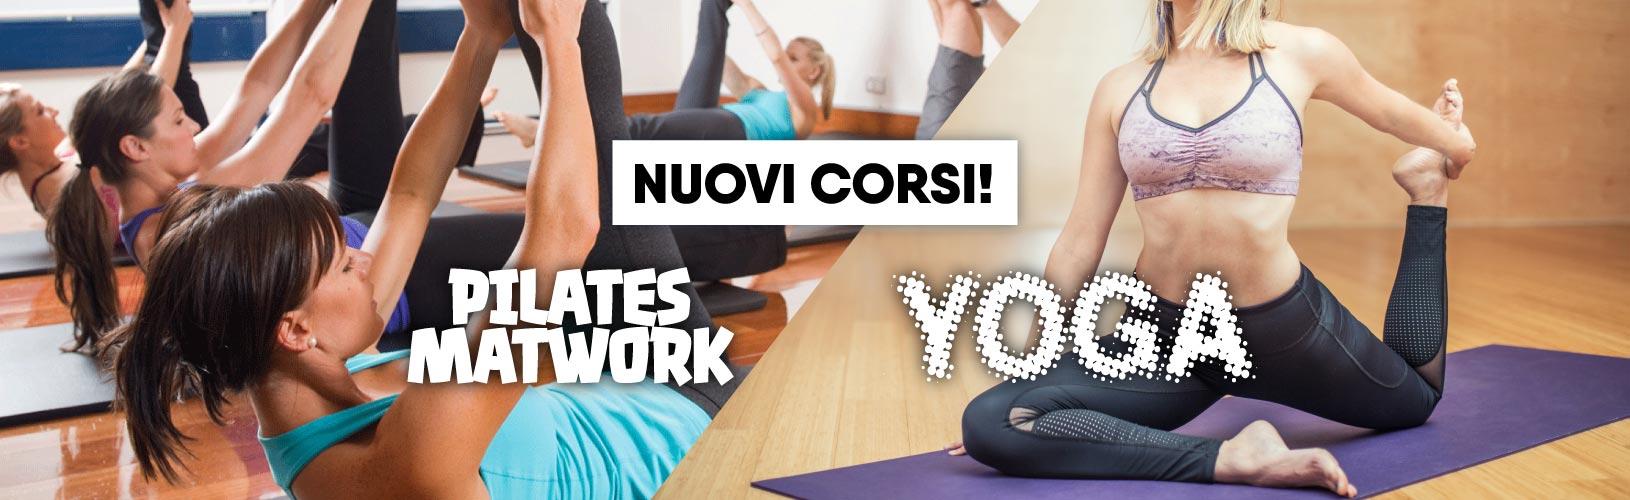 Corsi di Yoga e Pilates 2019 - CUS Bicocca